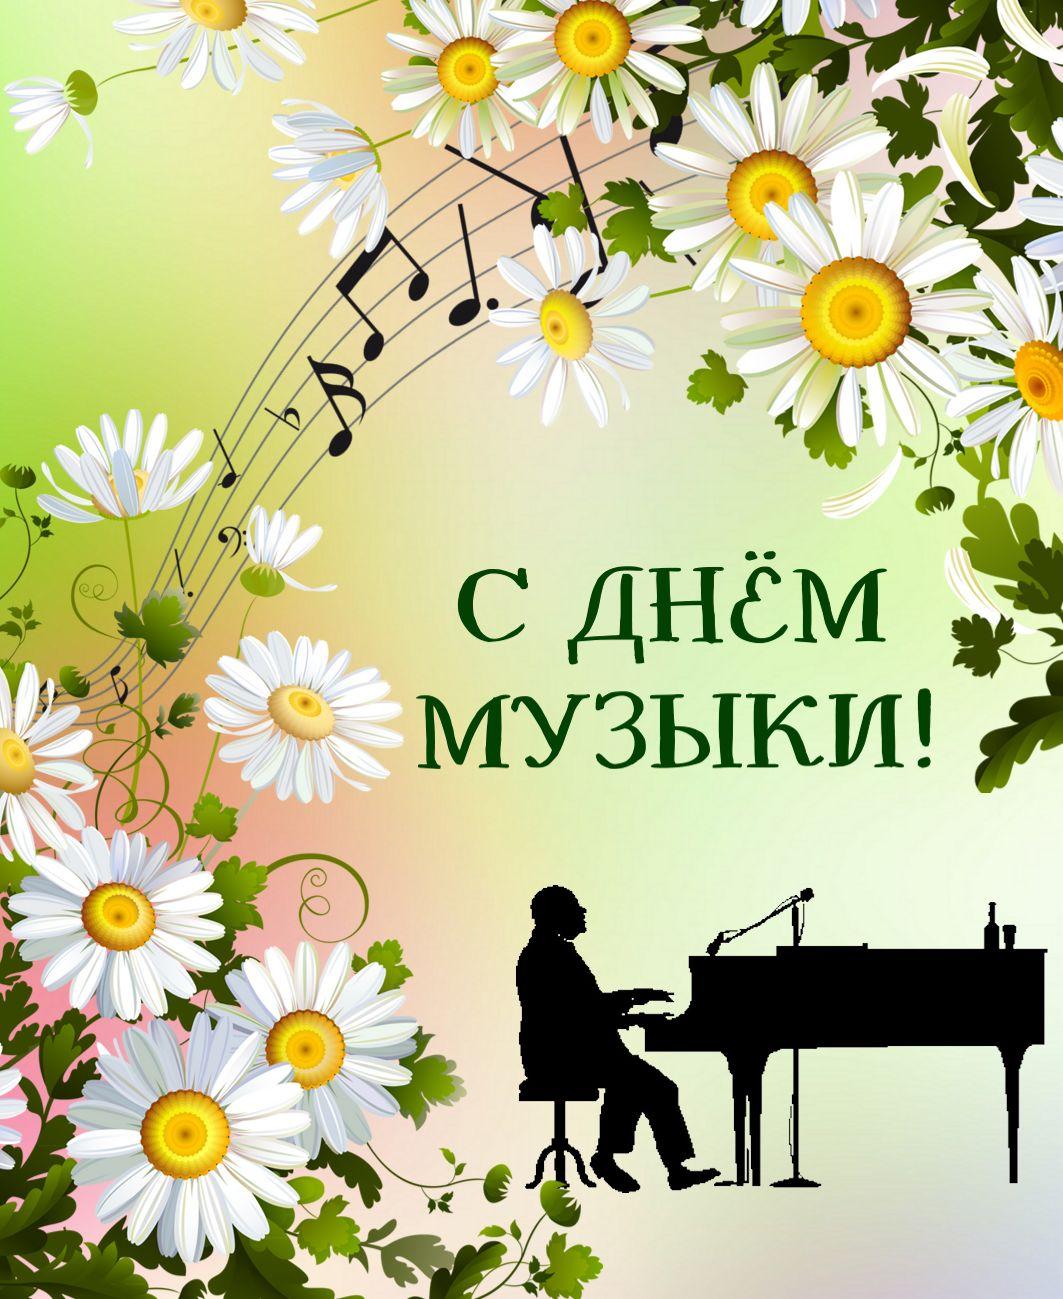 Создать поздравительную открытку с музыкой